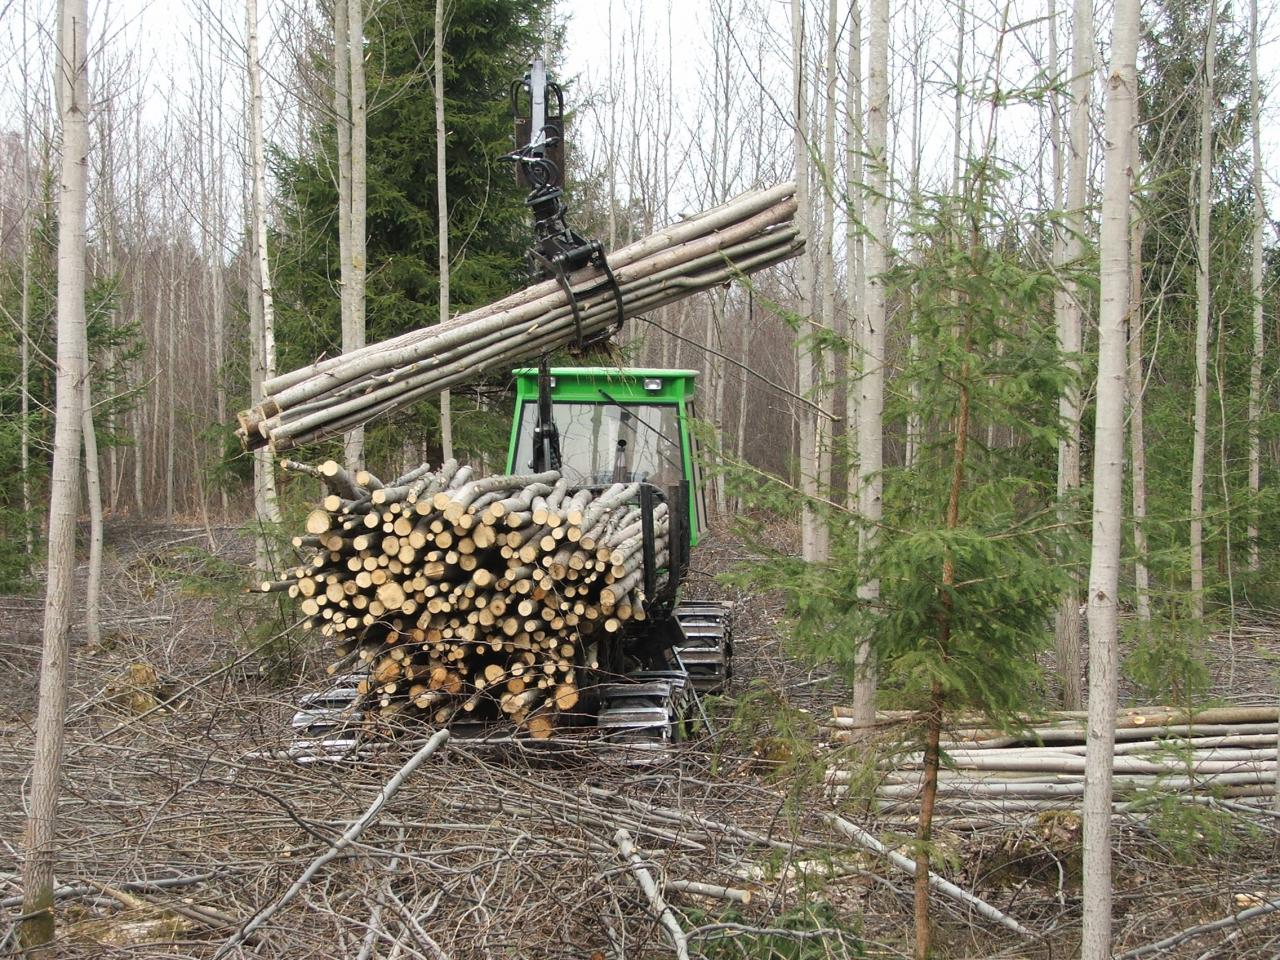 Meža kopšana īpašniekam nozīmē maksimāli iespējamo ienākumu gūšanu visā meža attīstības un augšanas ciklā. Proti, koksni var iegūt ne tikai kaut kad nākotnē, bet jau tagad, veicot kopšanas cirtes un tādējādi pie viena arī uzlabojot nākotnes meža ekonomisko vērtību un kvalitāti.